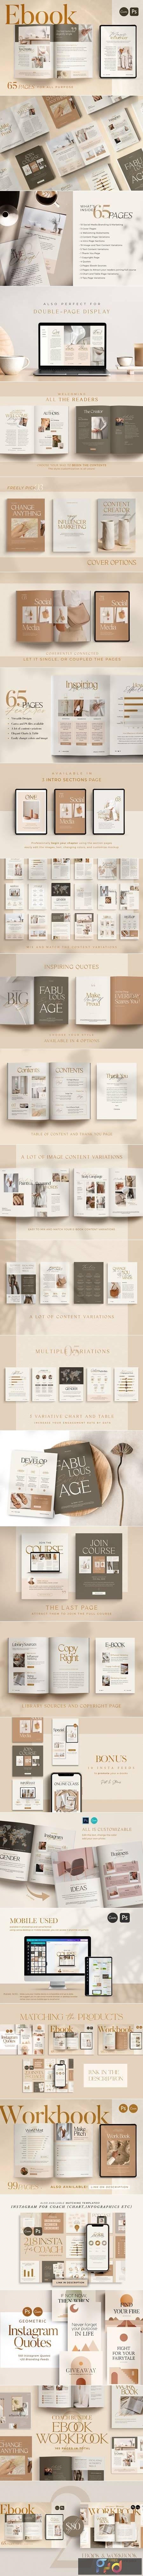 EBook Template Creator - CANVA PS 5163018 1